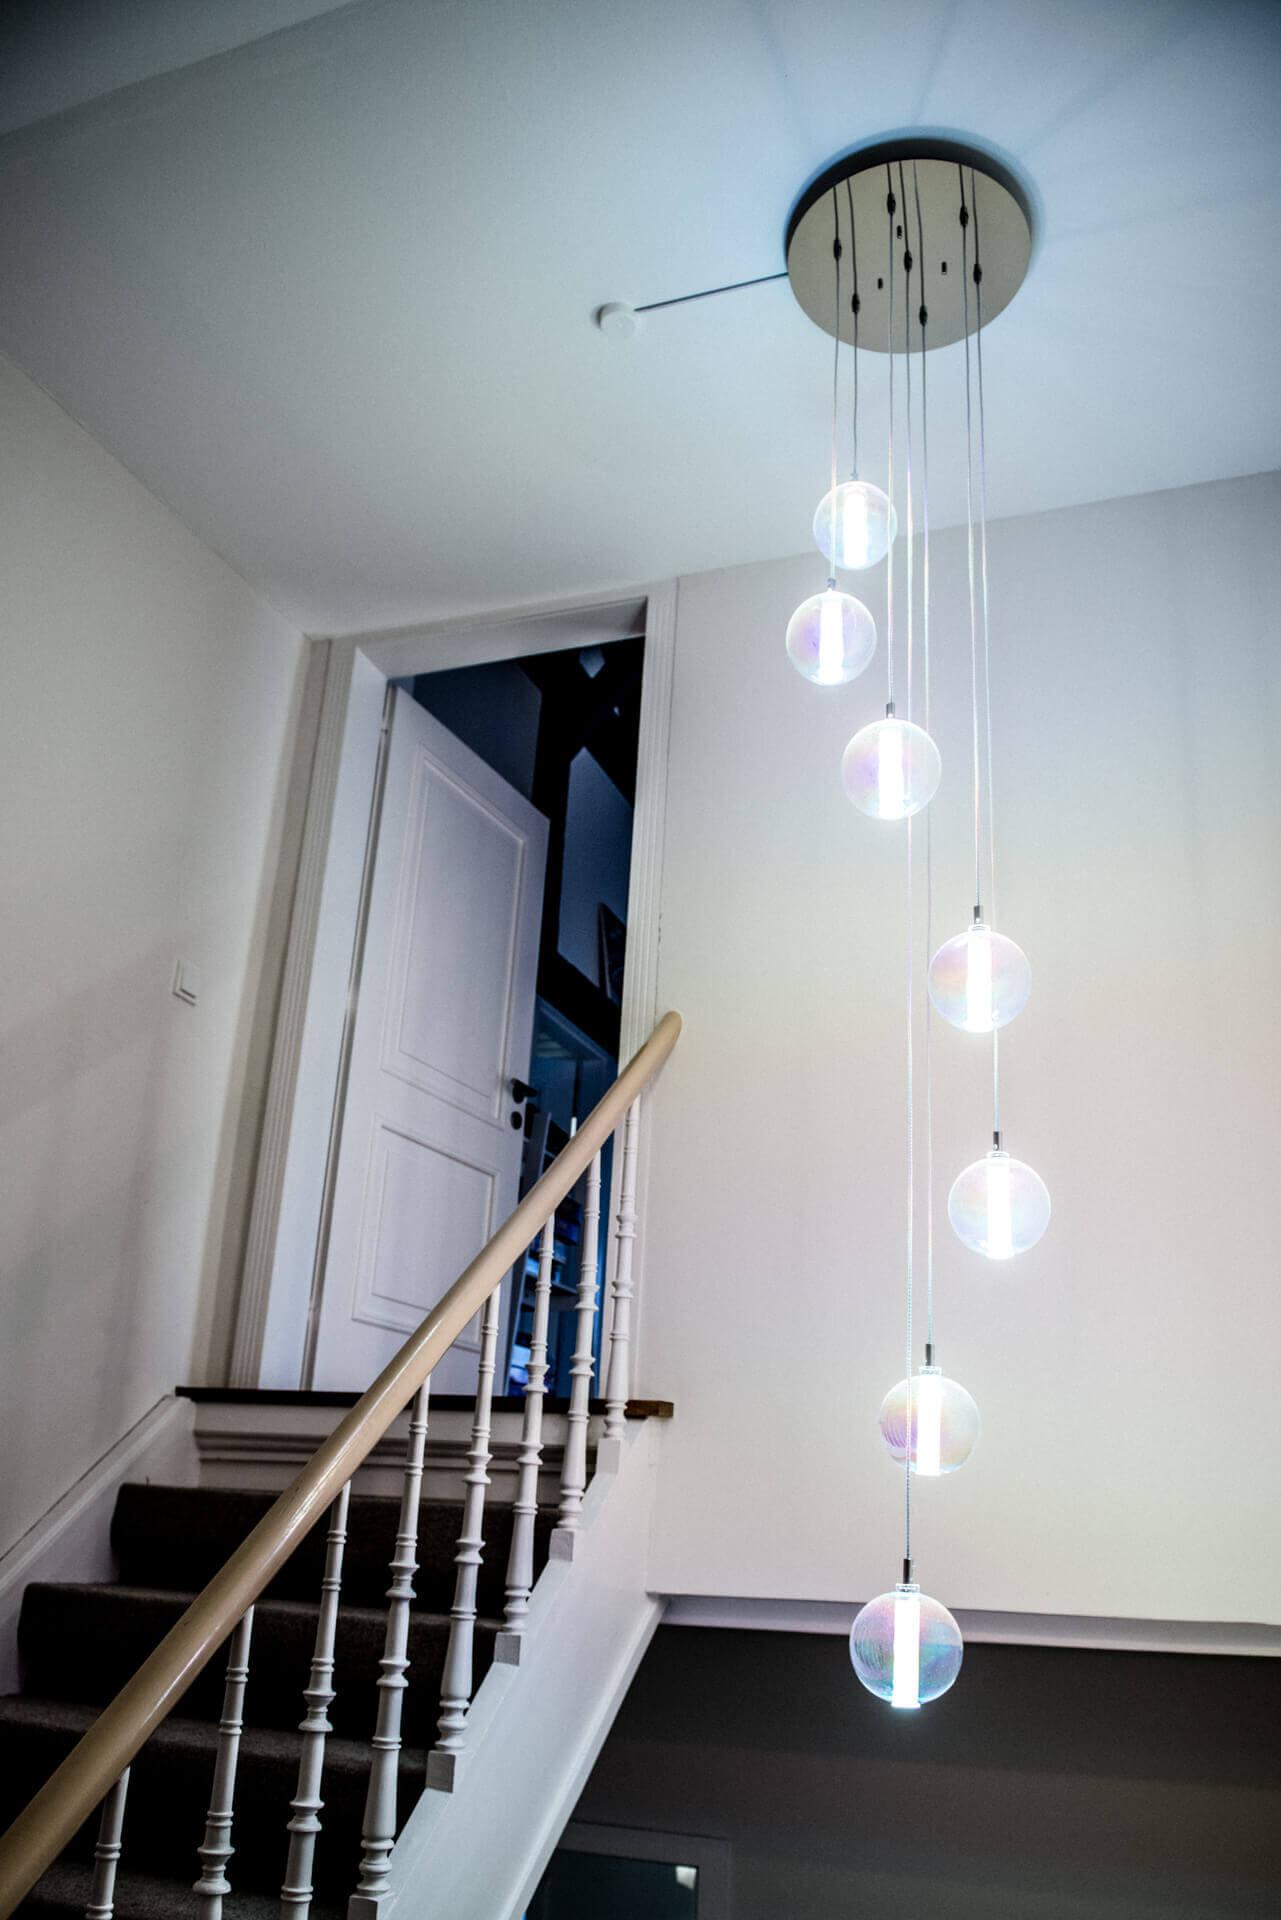 Treppenhausbeleuchtung Cangini und Tucci Eclisse Rainbow | Leuchten Lukassen